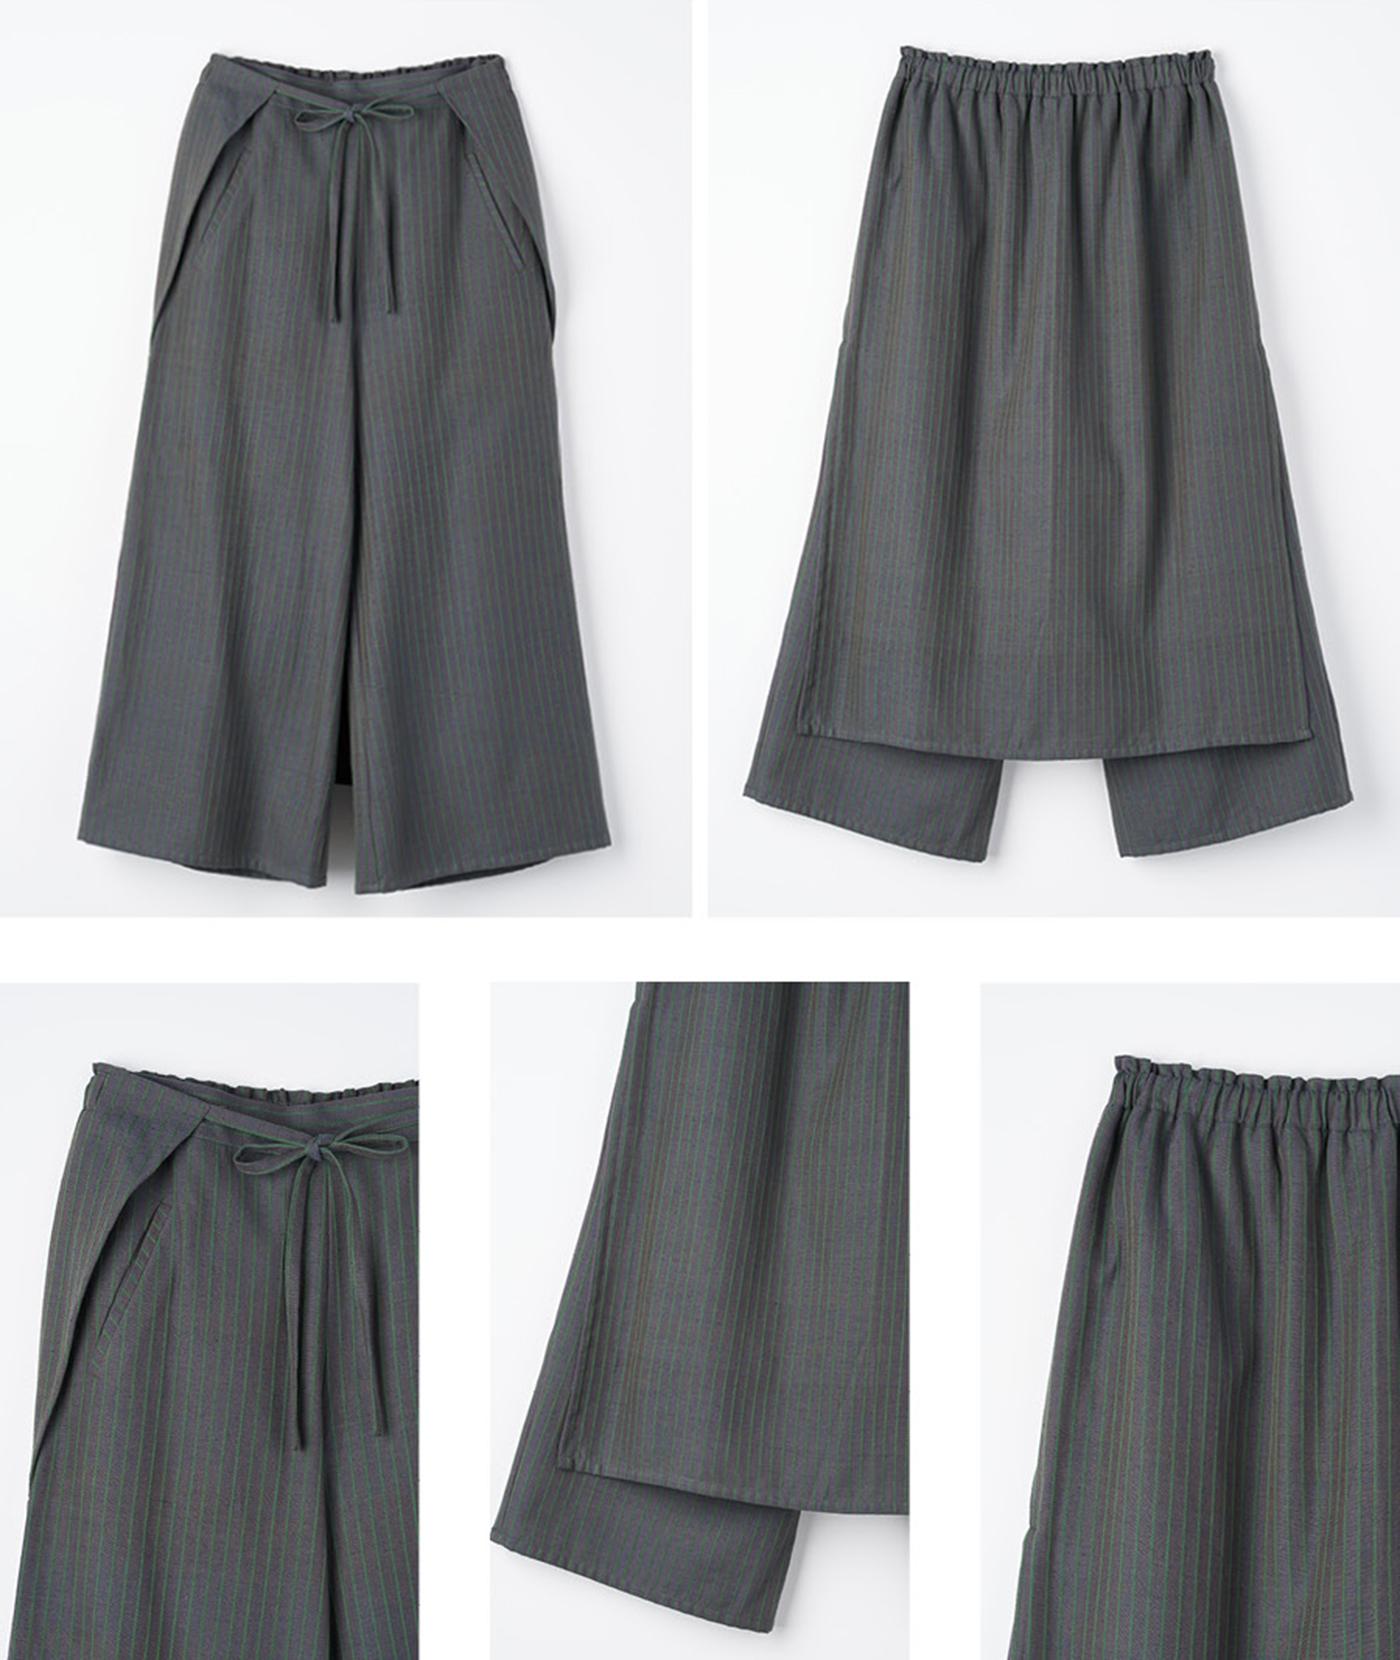 솔 백 랩 팬츠(Sol Back Wrap Pants) 상세이미지8